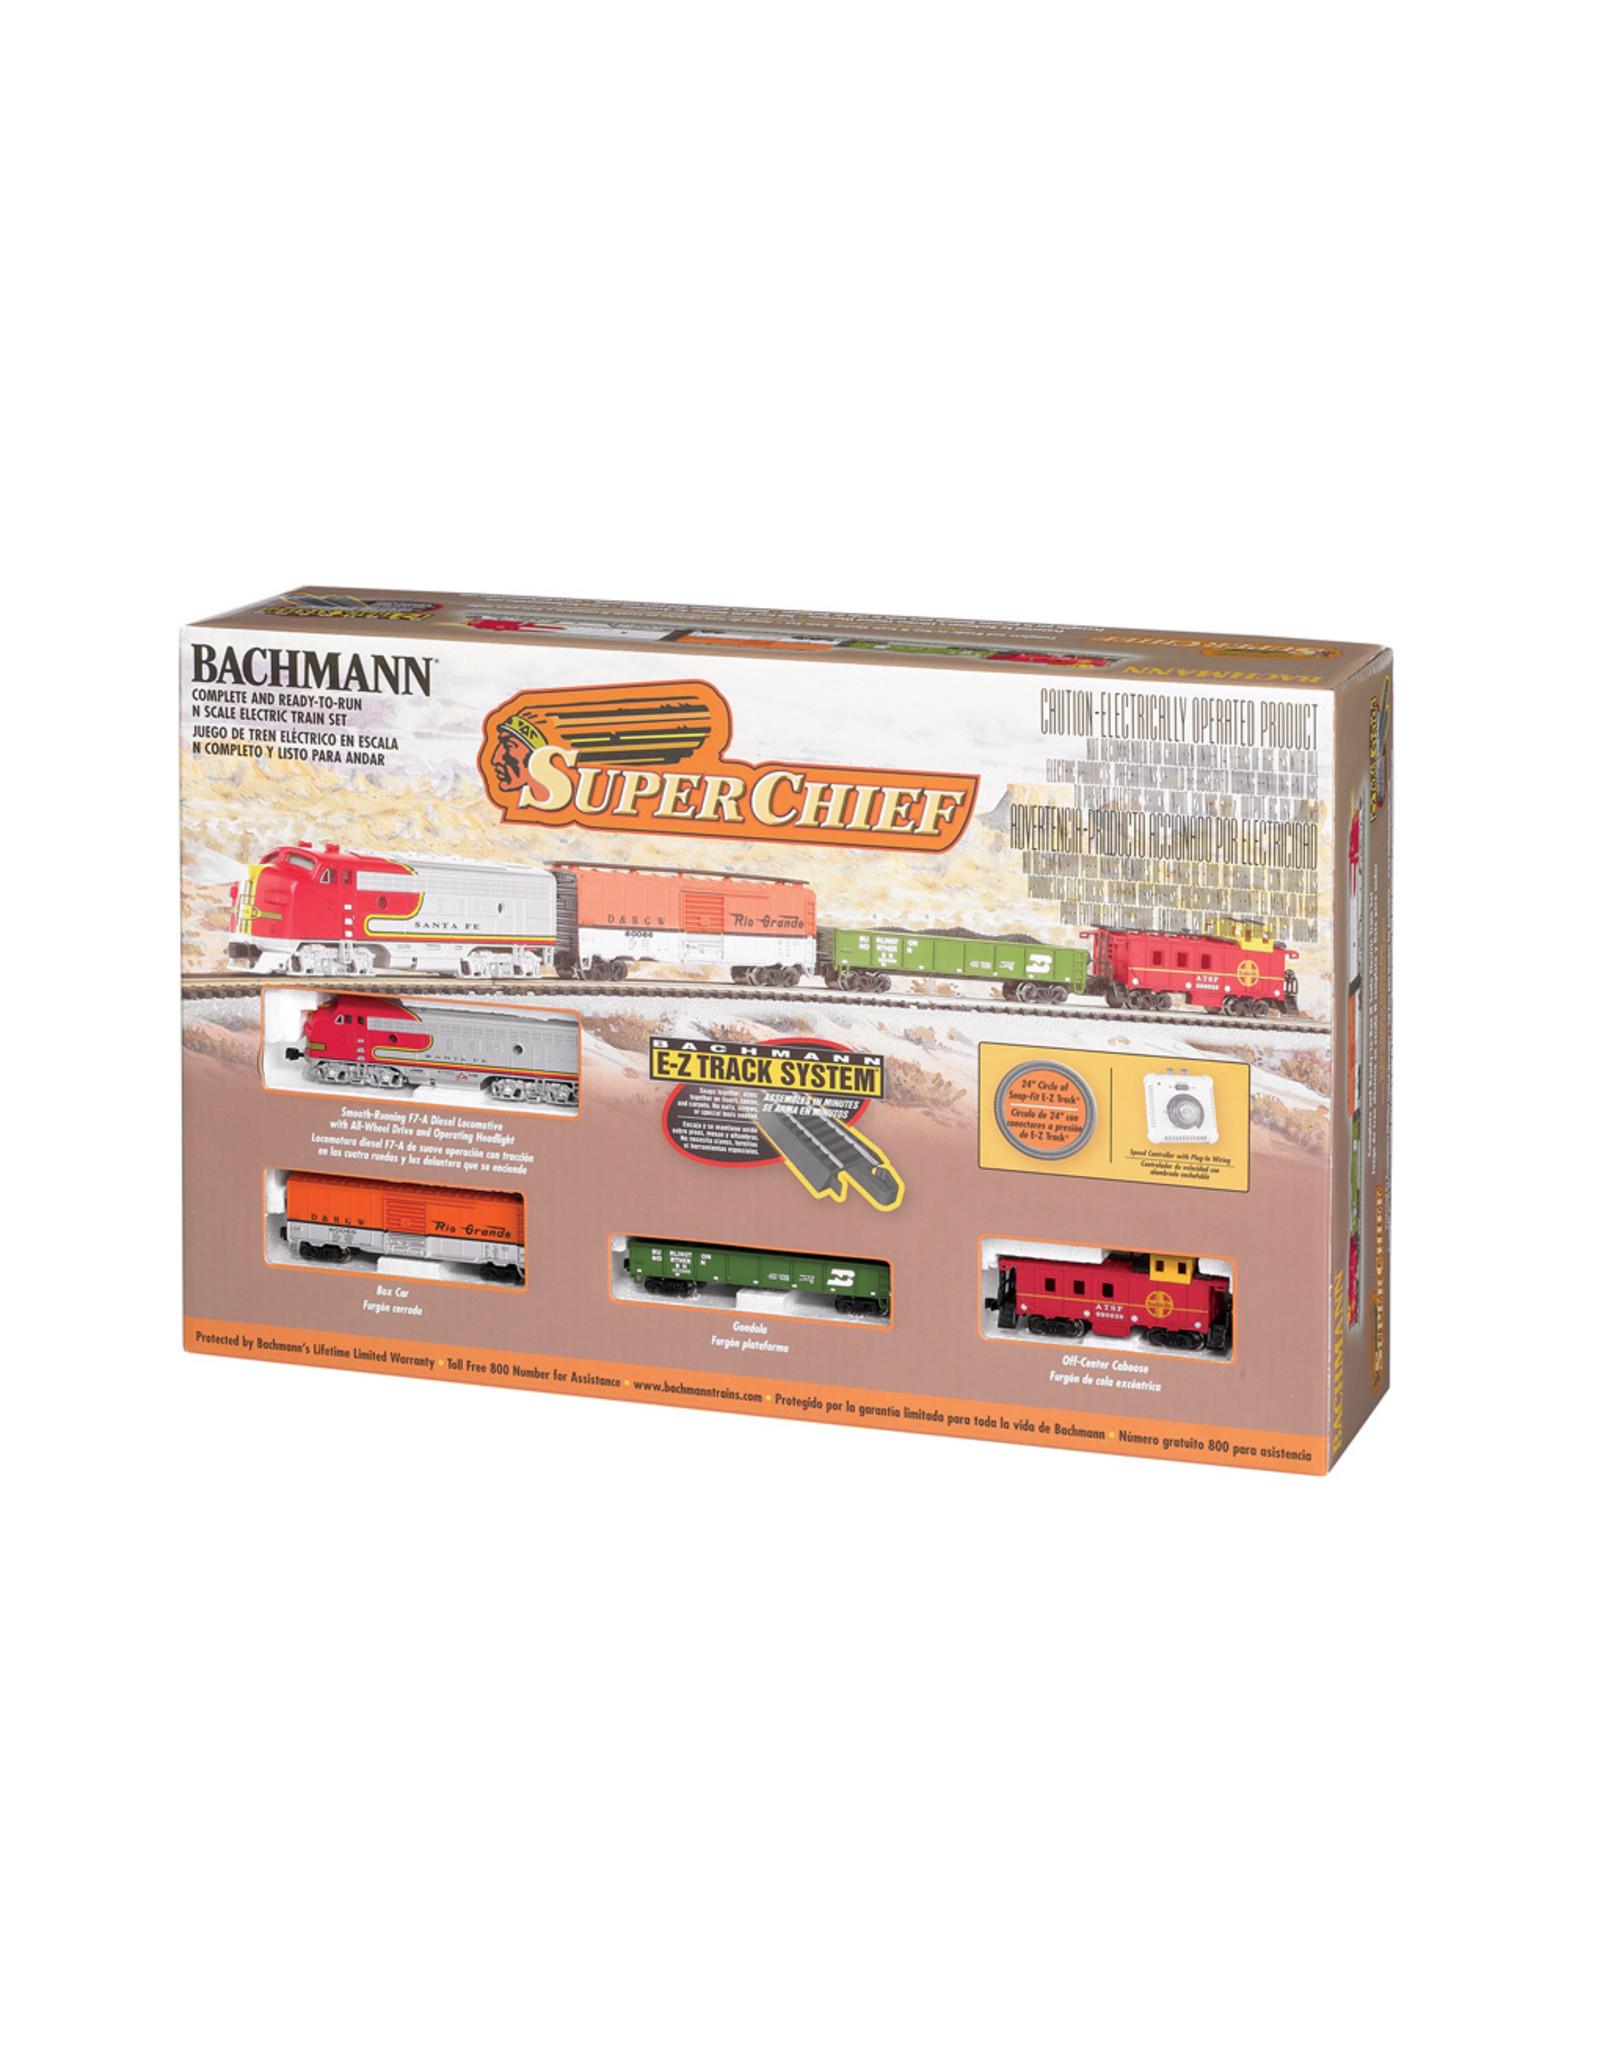 Bachmann Super Chief N Scale Train Set